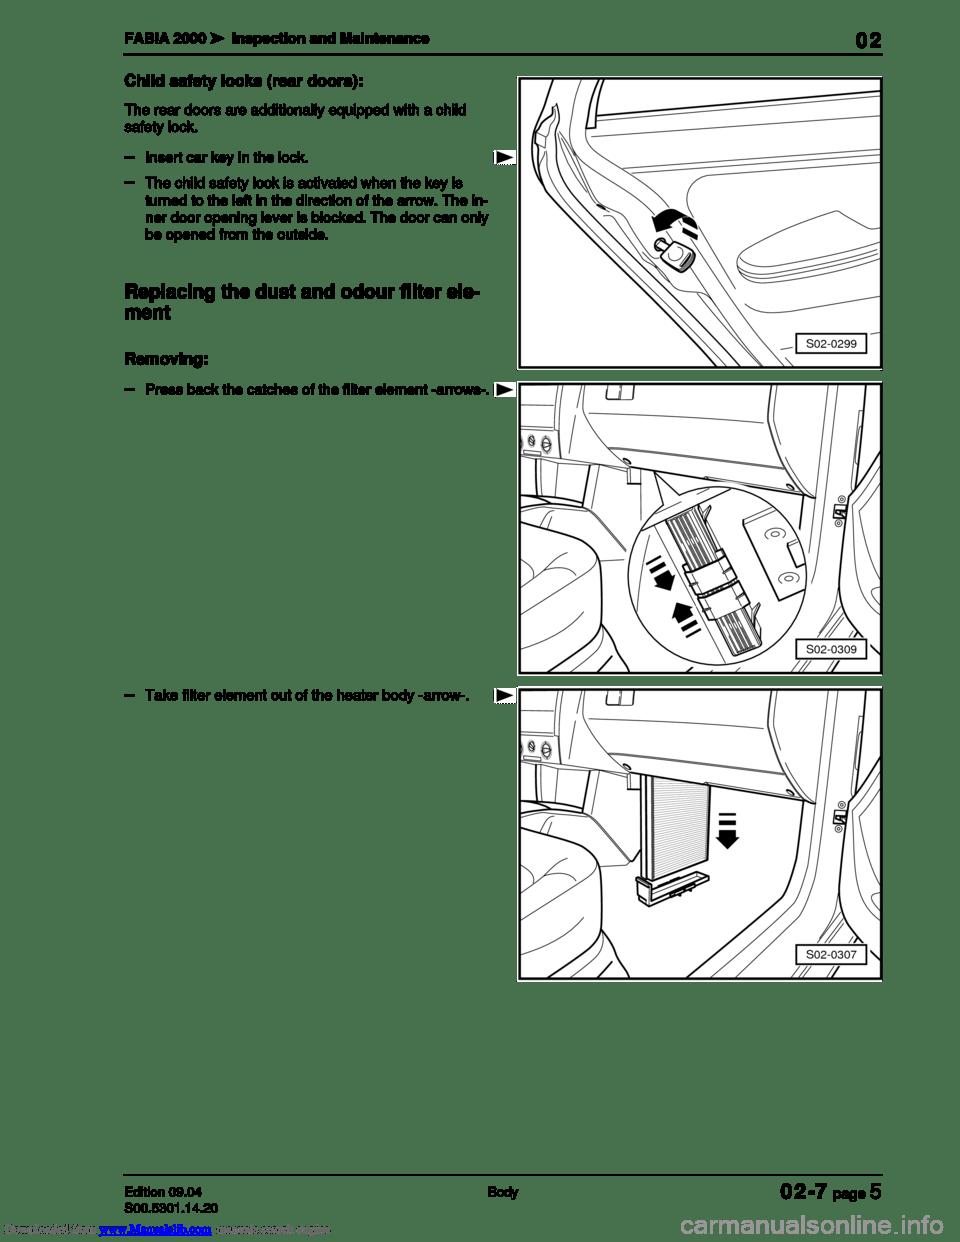 hight resolution of skoda fabia 2000 1 g 6y workshop manual page 73